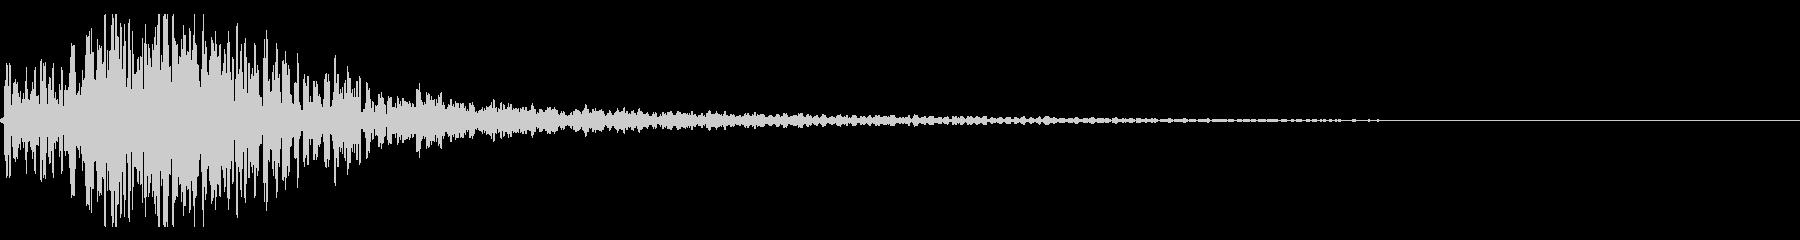 ドドン!迫力ある太鼓のインパクト! 02の未再生の波形